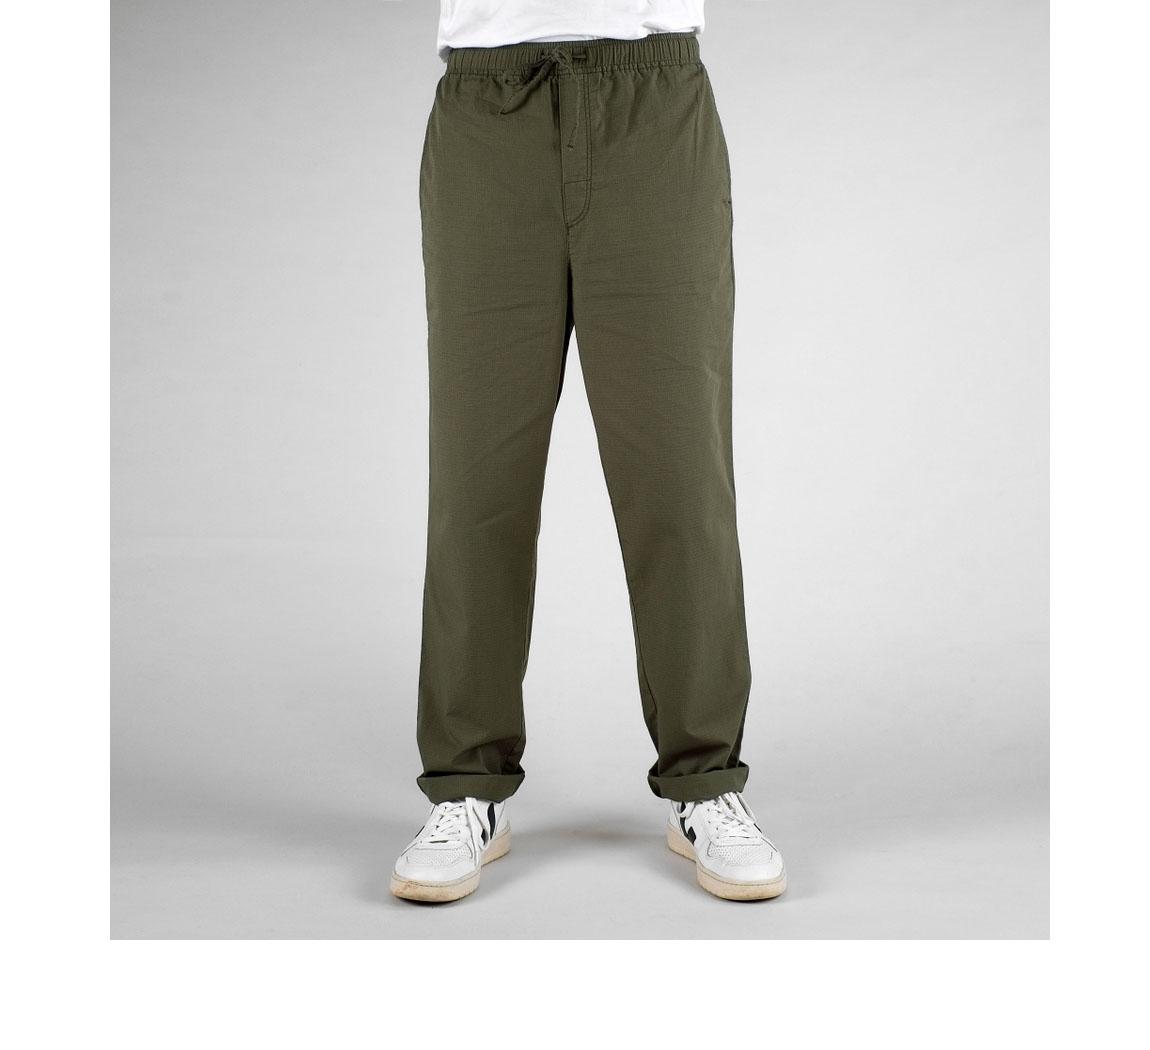 pantalon léger homme Pants Klitmoeller